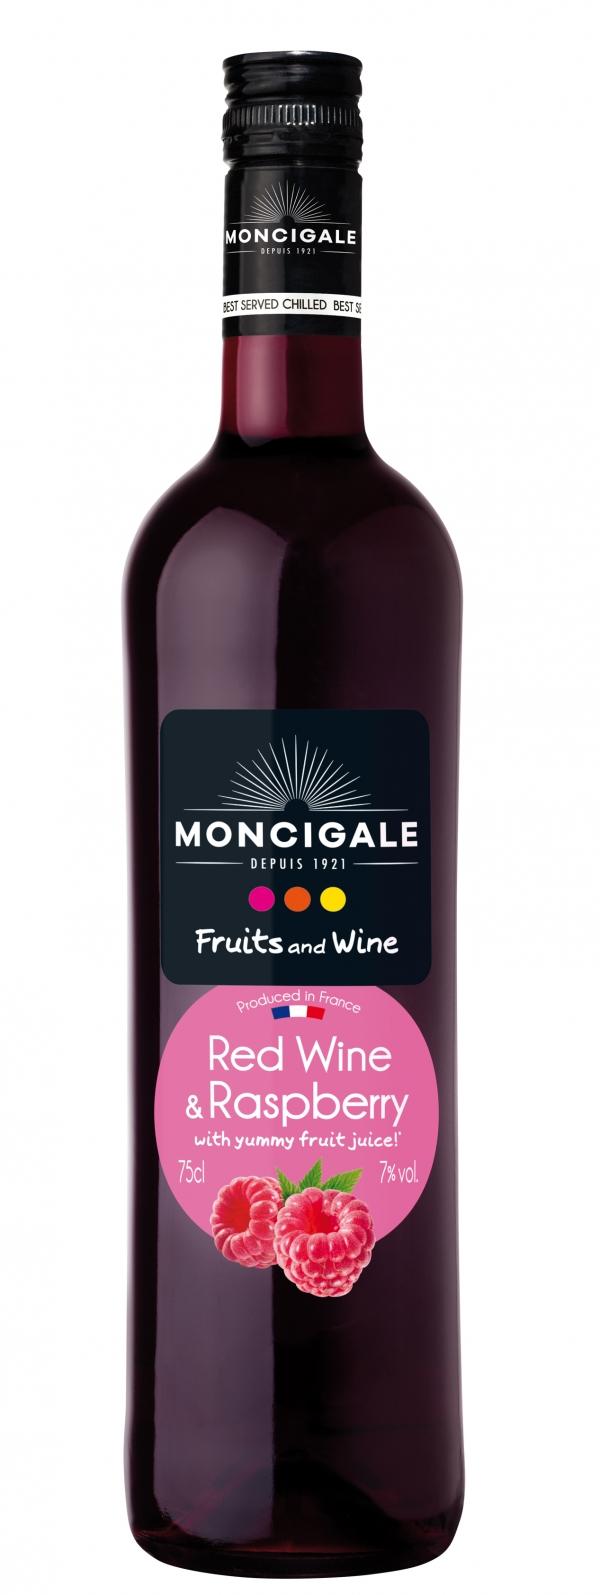 Ароматизирано Червено Вино Фрутис Уайн с Вкус на Къпина 0.75 л